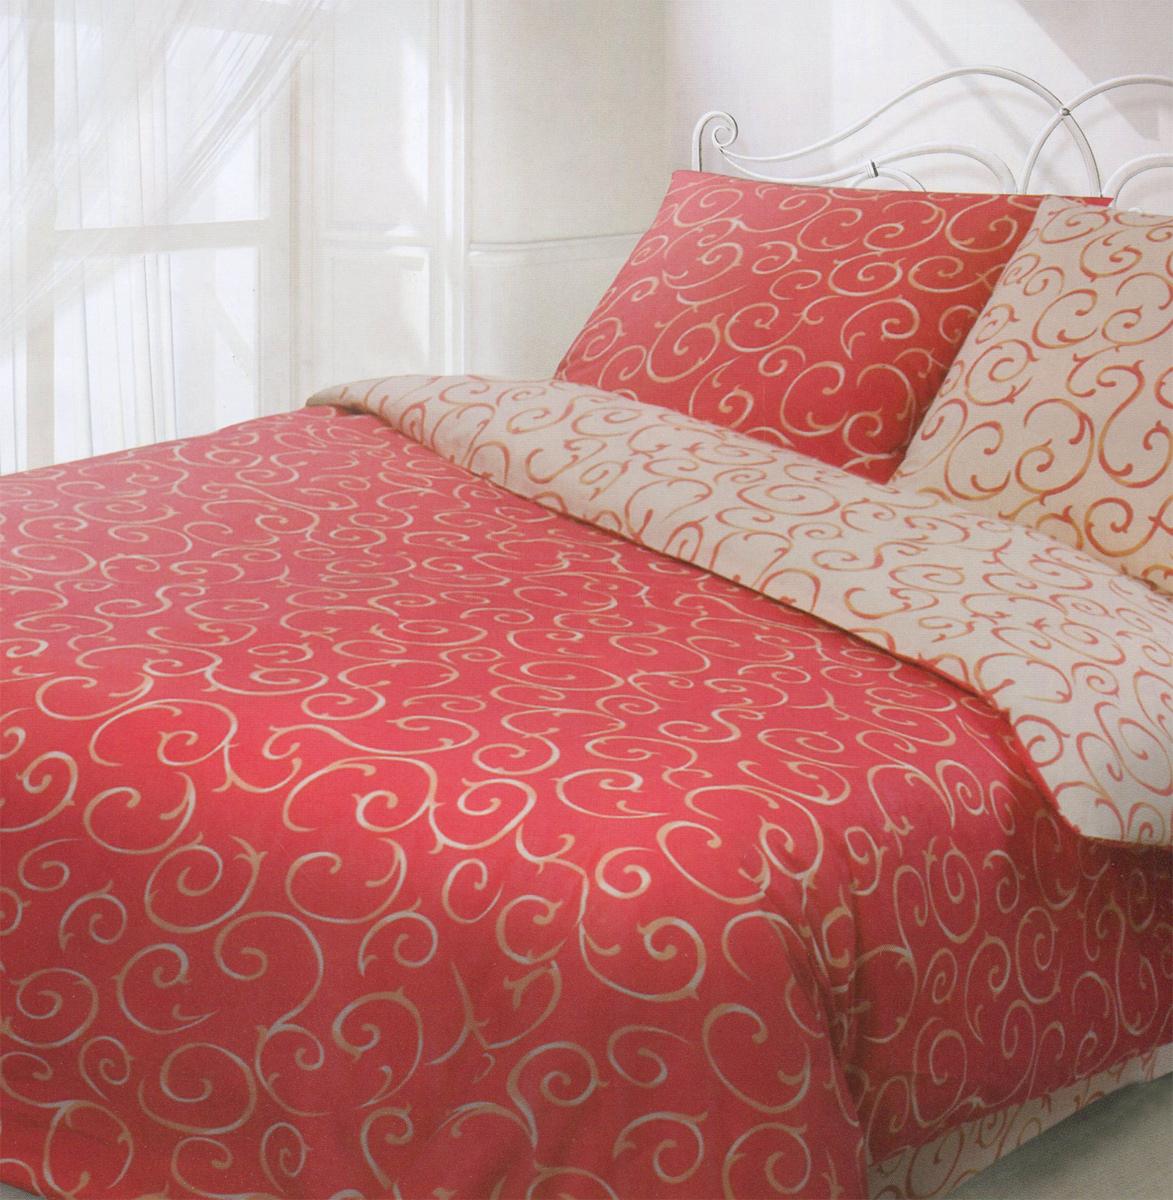 Комплект белья Гармония Барокко, евро, наволочки 50x70, цвет: красный, бежевыйDFS-524Комплект постельного белья Гармония Барокко является экологически безопасным, так как выполнен из поплина (100% хлопок). Комплект состоит из пододеяльника, простыни и двух наволочек. Постельное белье оформлено оригинальным орнаментом и имеет изысканный внешний вид.Постельное белье Гармония - лучший выбор для современной хозяйки! Его отличают демократичная цена и отличное качество.Гармония производится из поплина - 100% хлопковой ткани. Поплин мягкий и приятный на ощупь. Кроме того, эта ткань не требует особого ухода, легко стирается и прекрасно держит форму. Высококачественные красители, которые используются при производстве постельного белья, экологичны и сохраняют свой цвет даже после многочисленных стирок.Благодаря высокому качеству ткани и европейским стандартам пошива постельное белье Гармония будет радовать вас долгие годы!